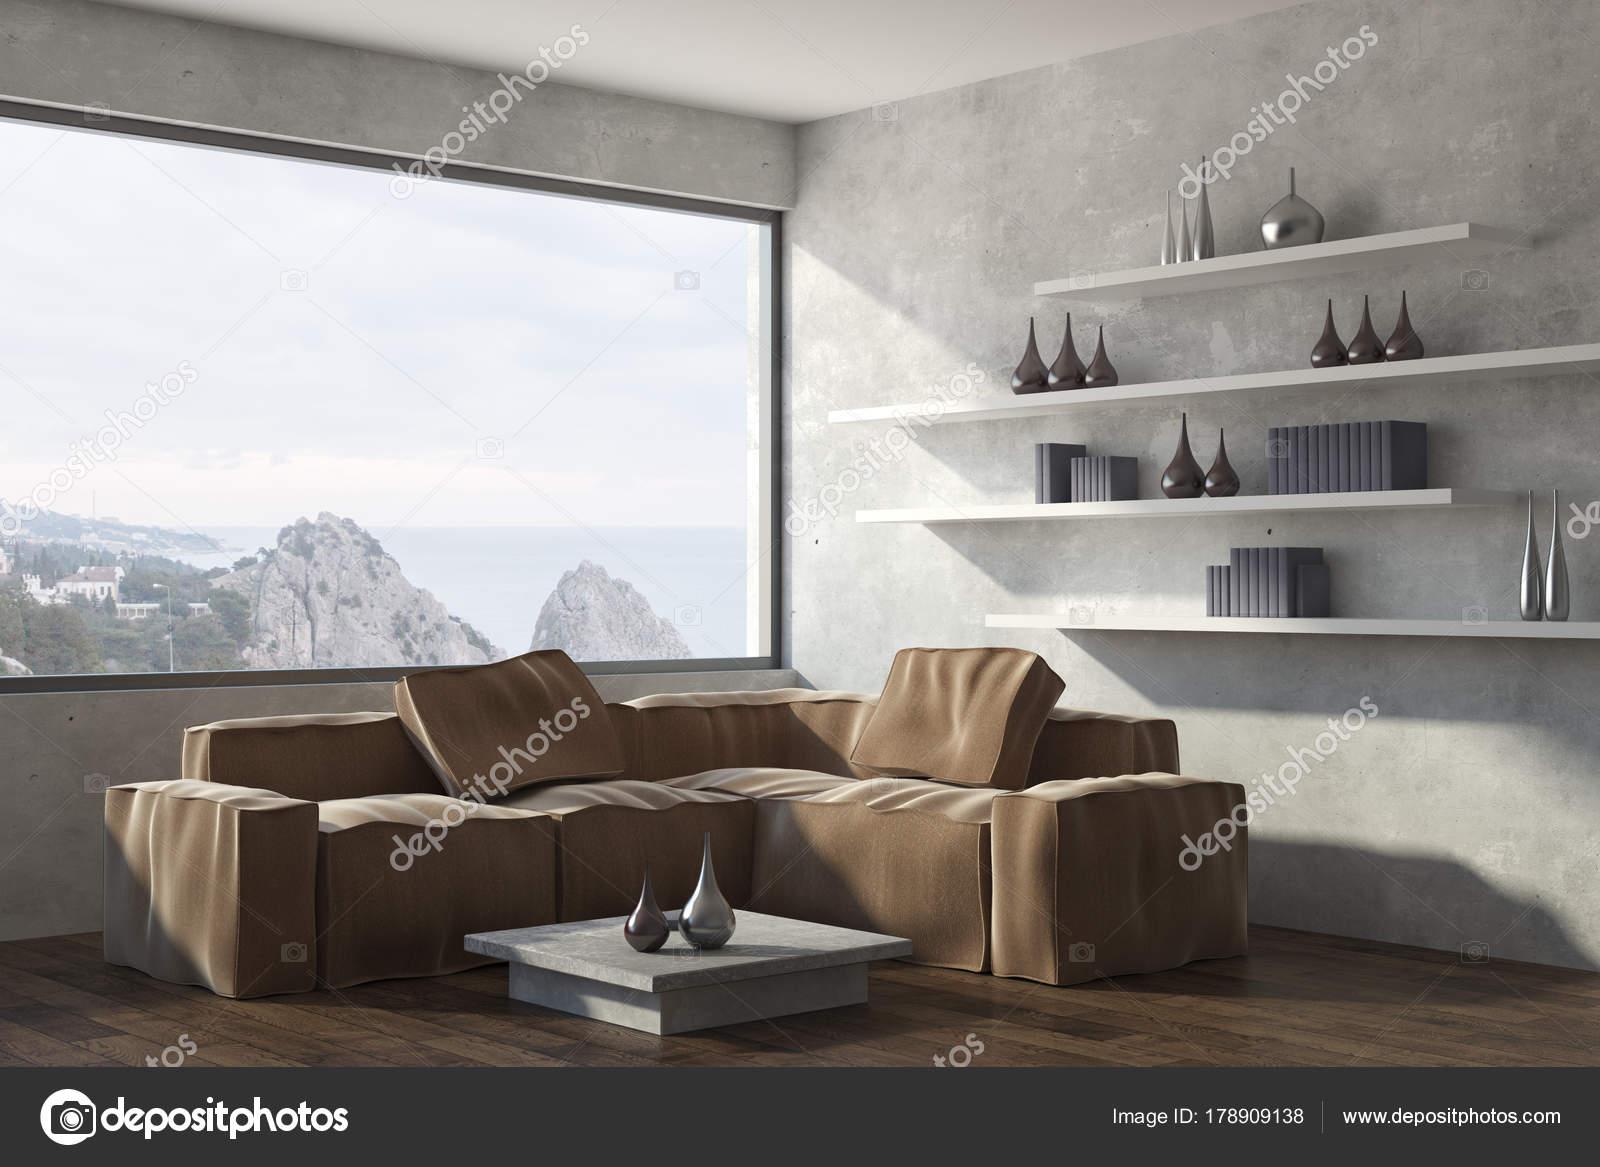 lichte woonkamer — Stockfoto © peshkova #178909138